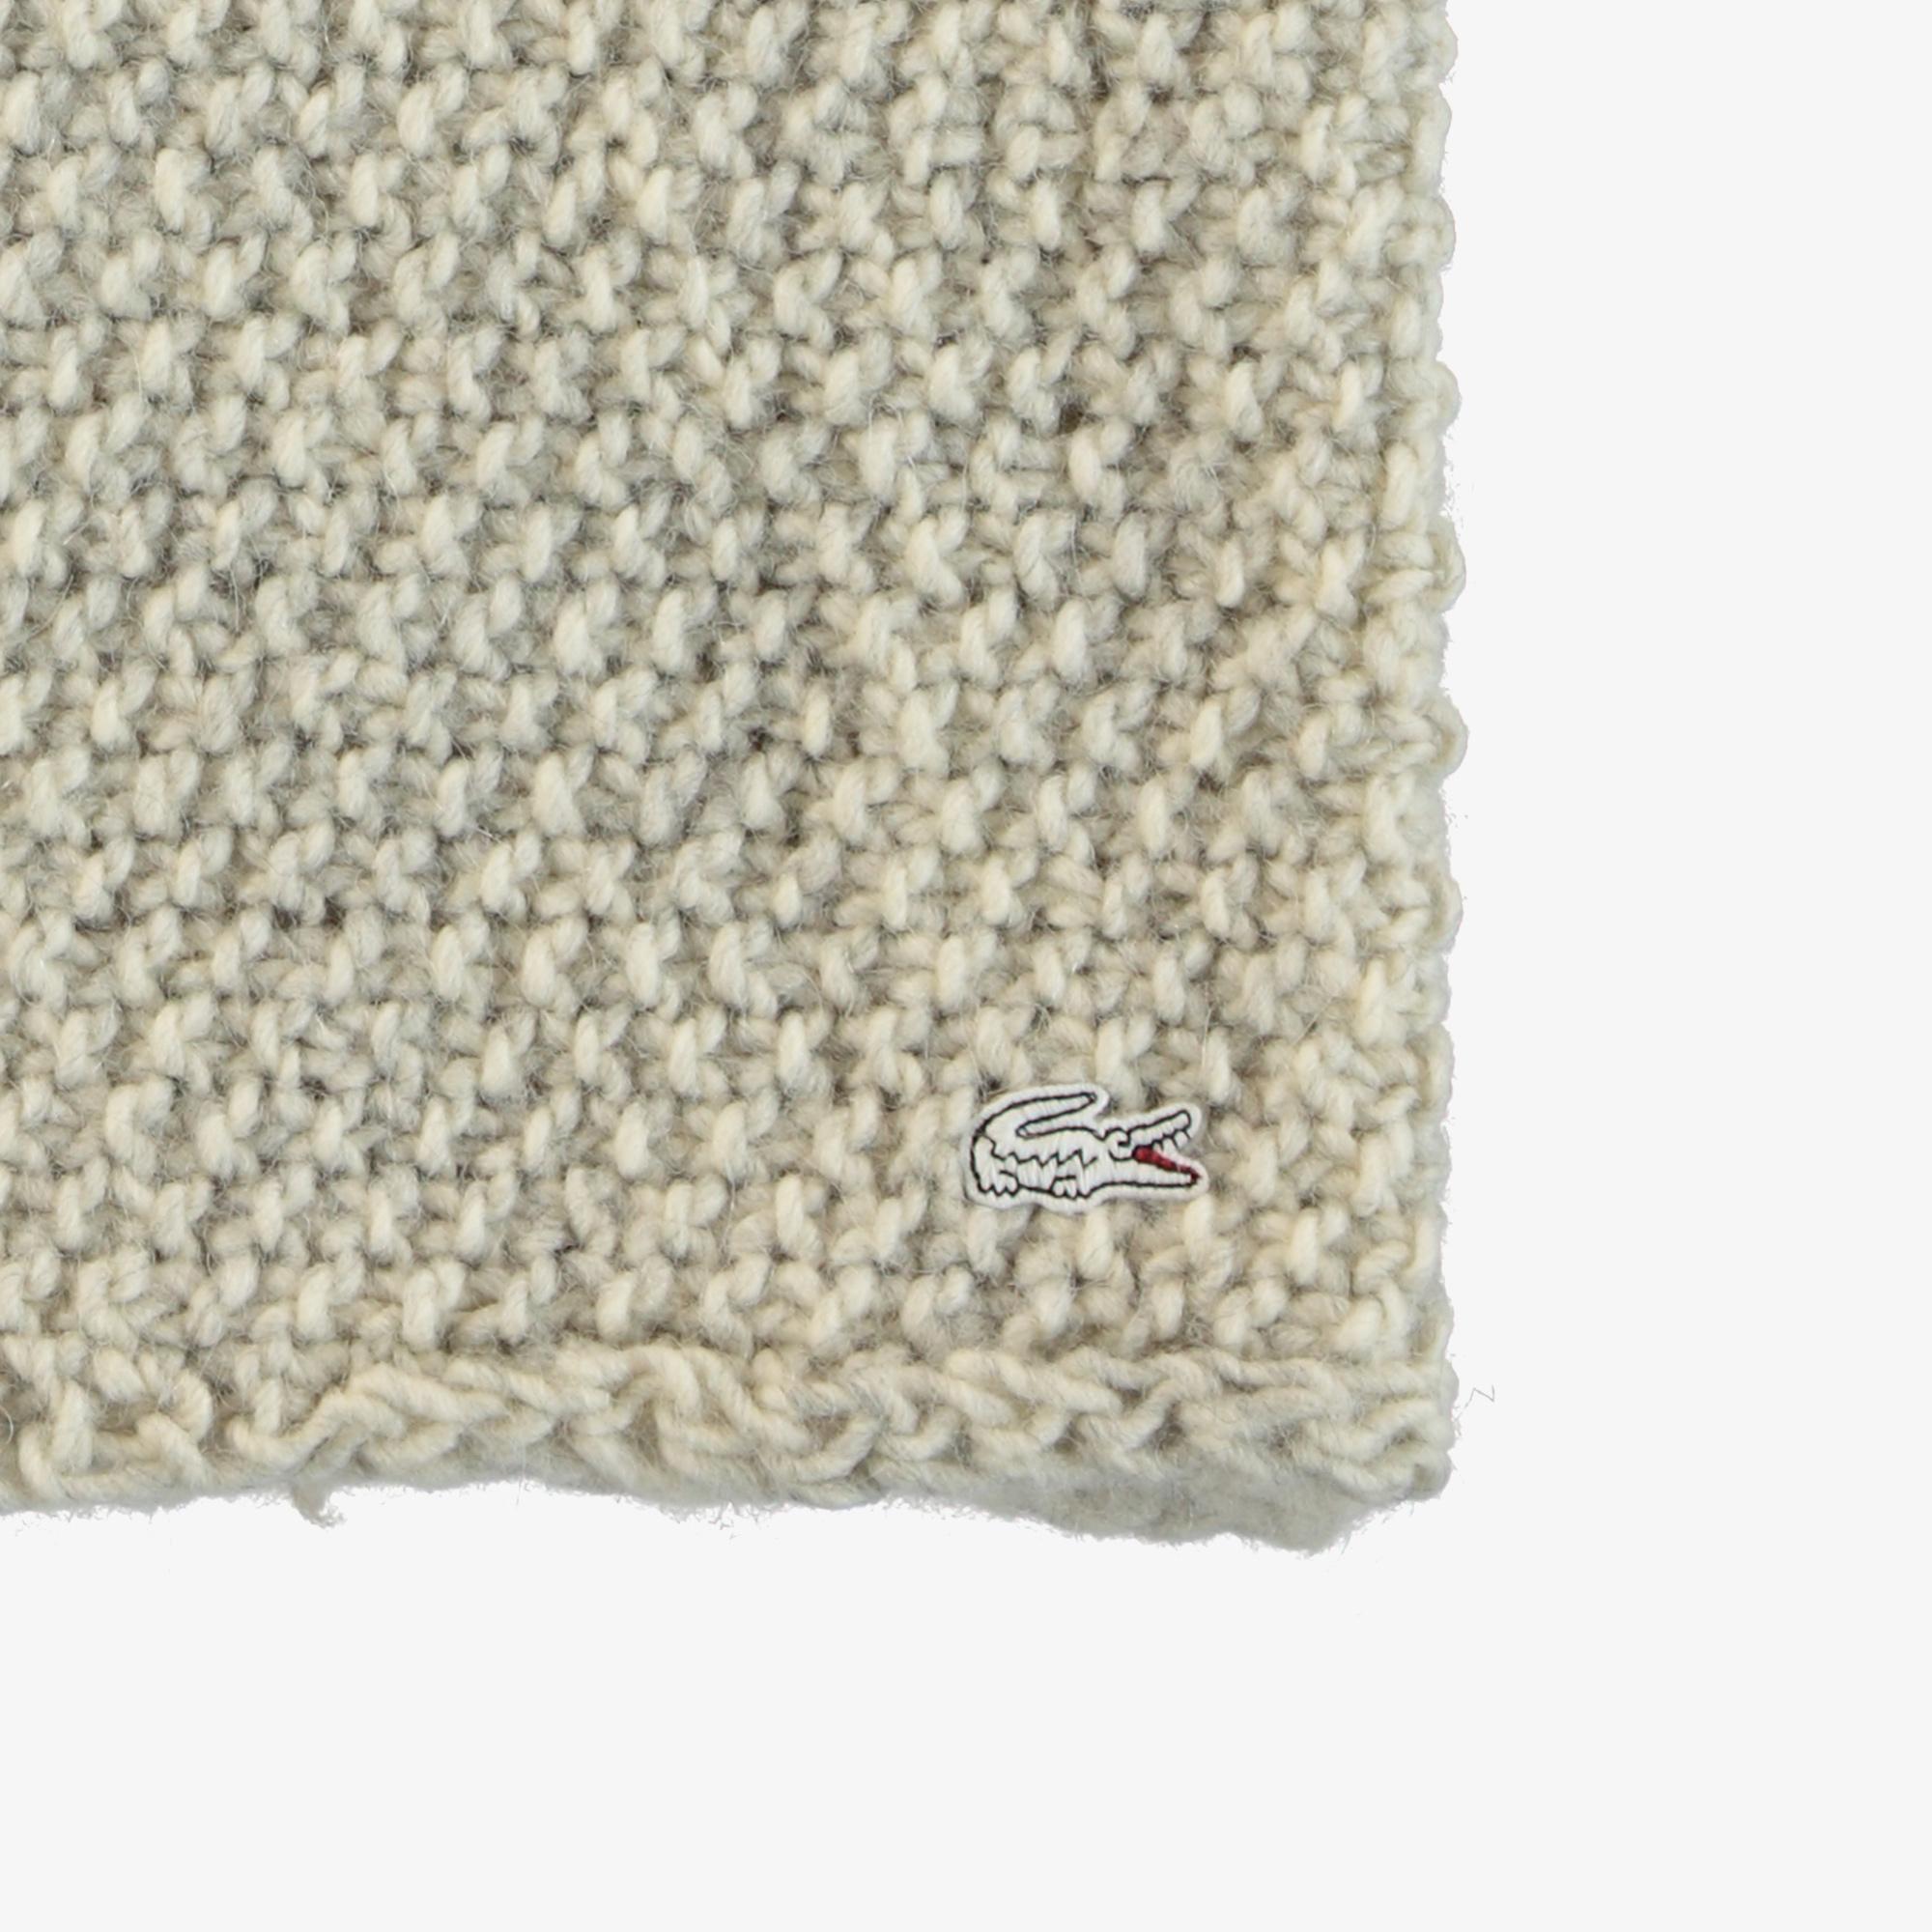 Lacoste Unisex Yün Karışımlı Beyaz Boyunluk